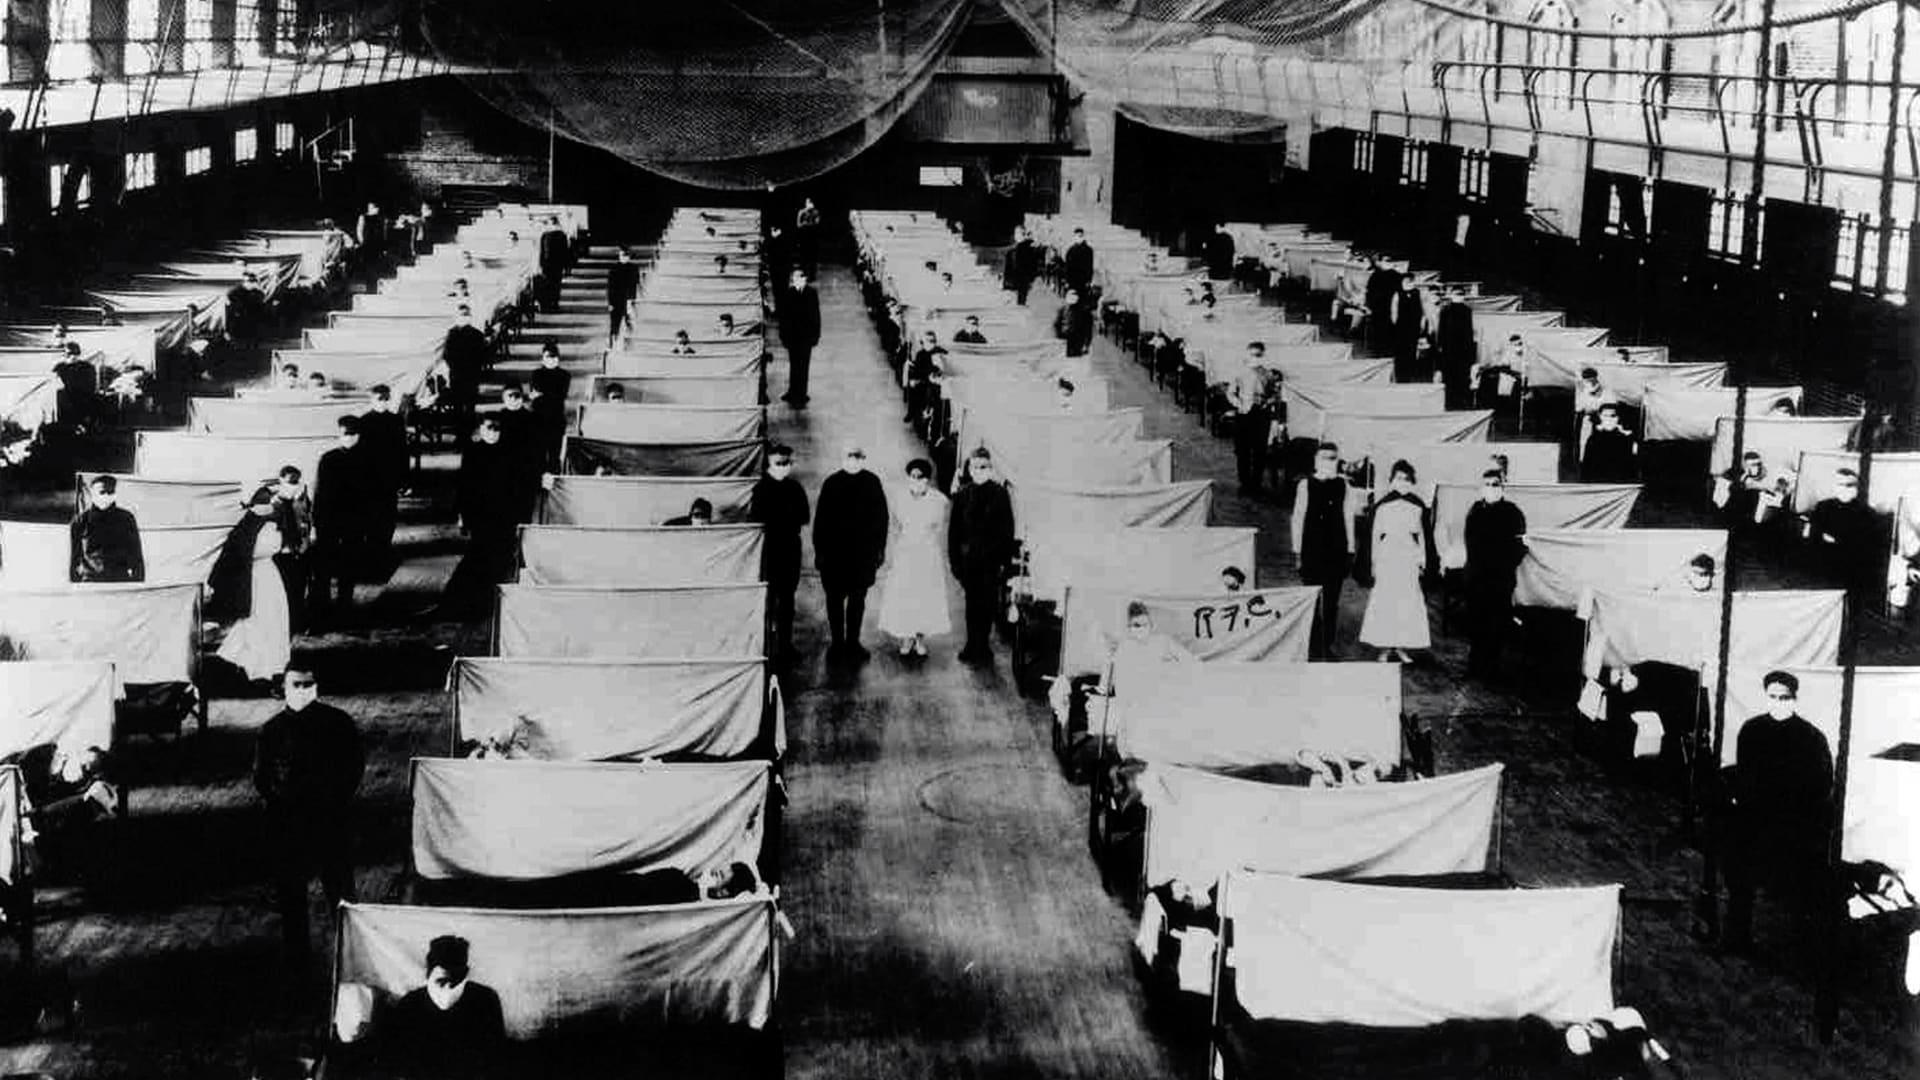 Spanish Flu in 1918